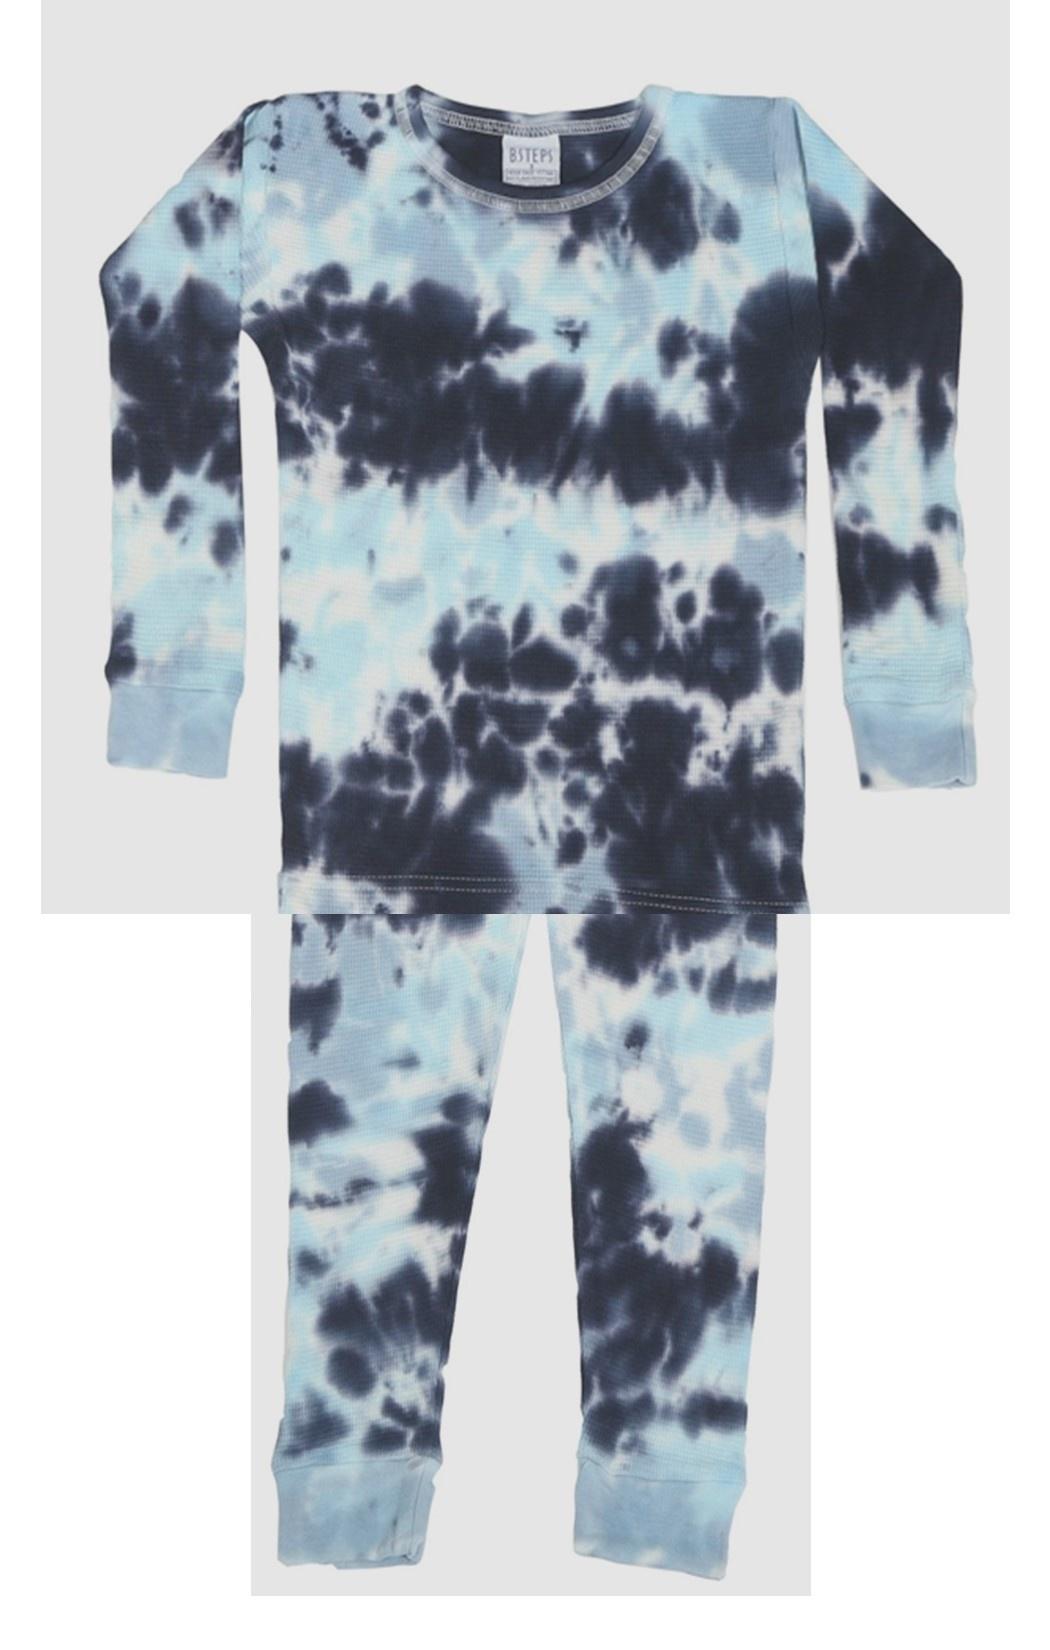 Baby Steps Blue Tie Dye Thermal PJ Set